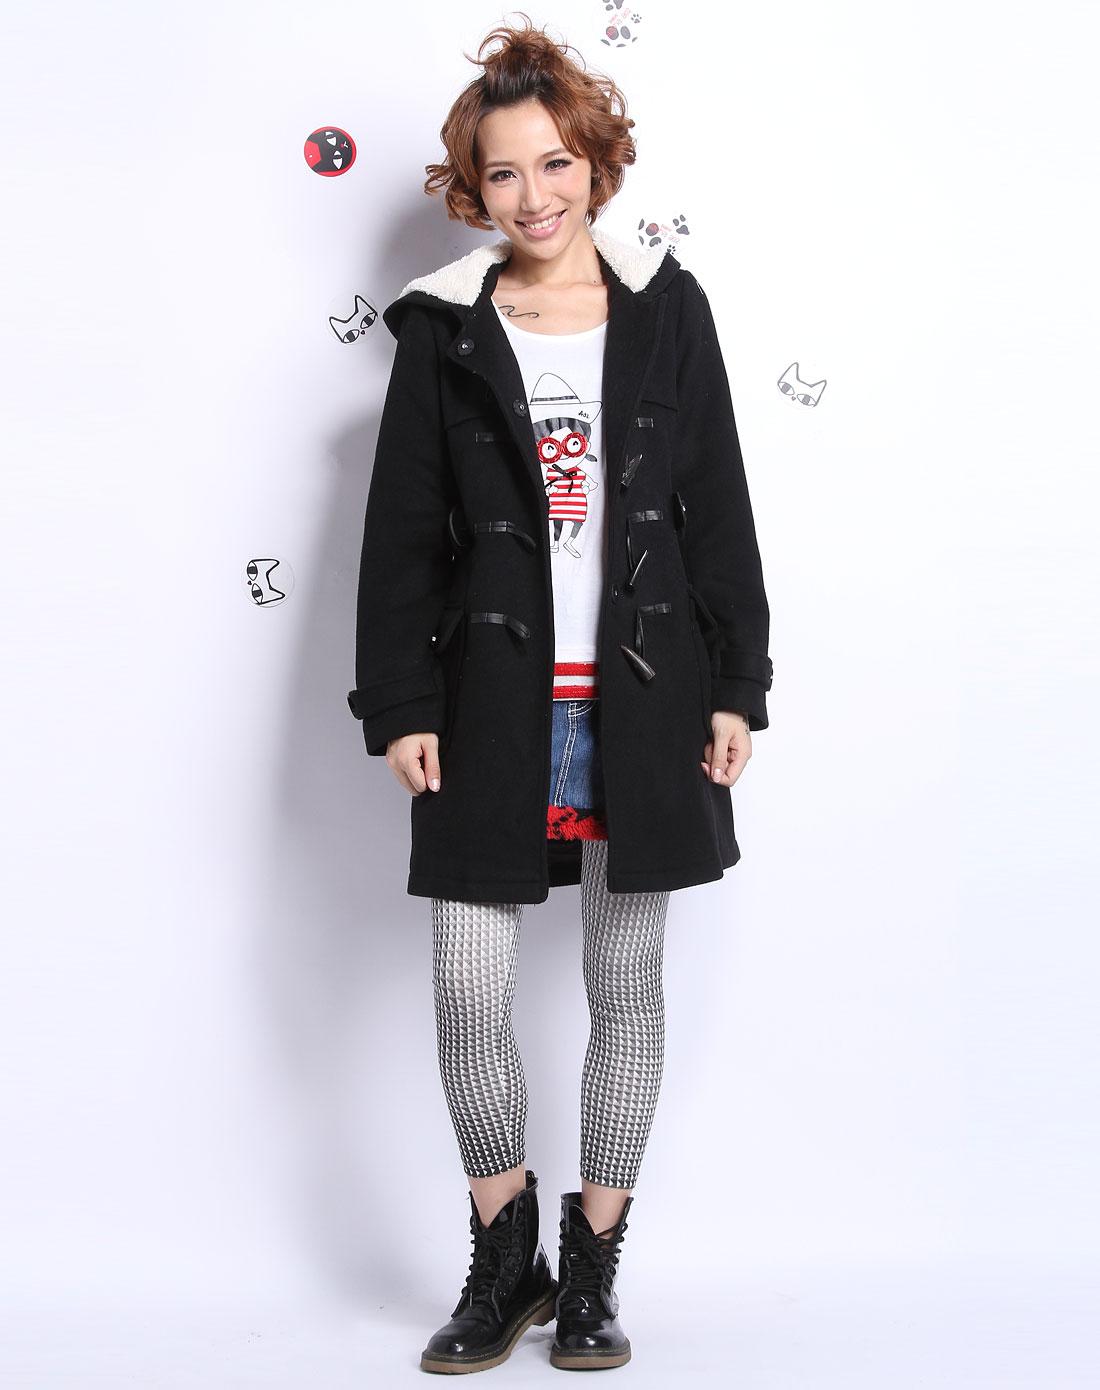 a02女装_a02女装专场-黑色个性简约长袖外套